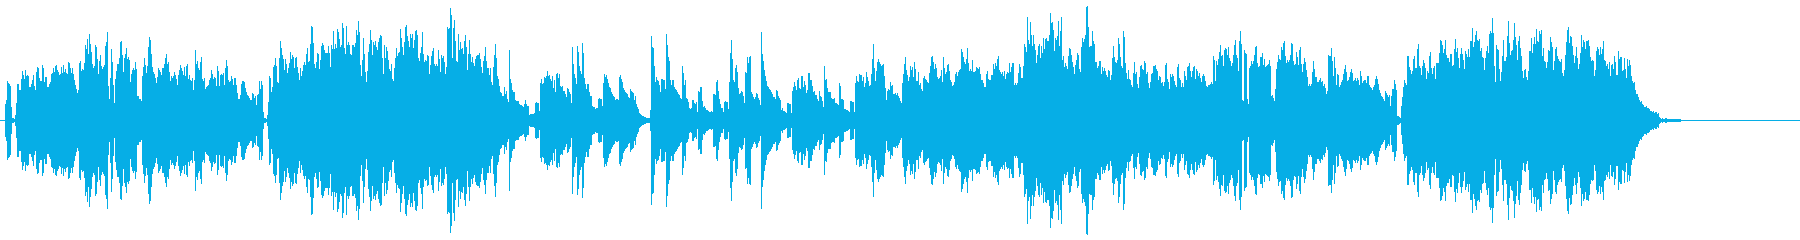 あかるい雰囲気のオープニング曲の再生済みの波形